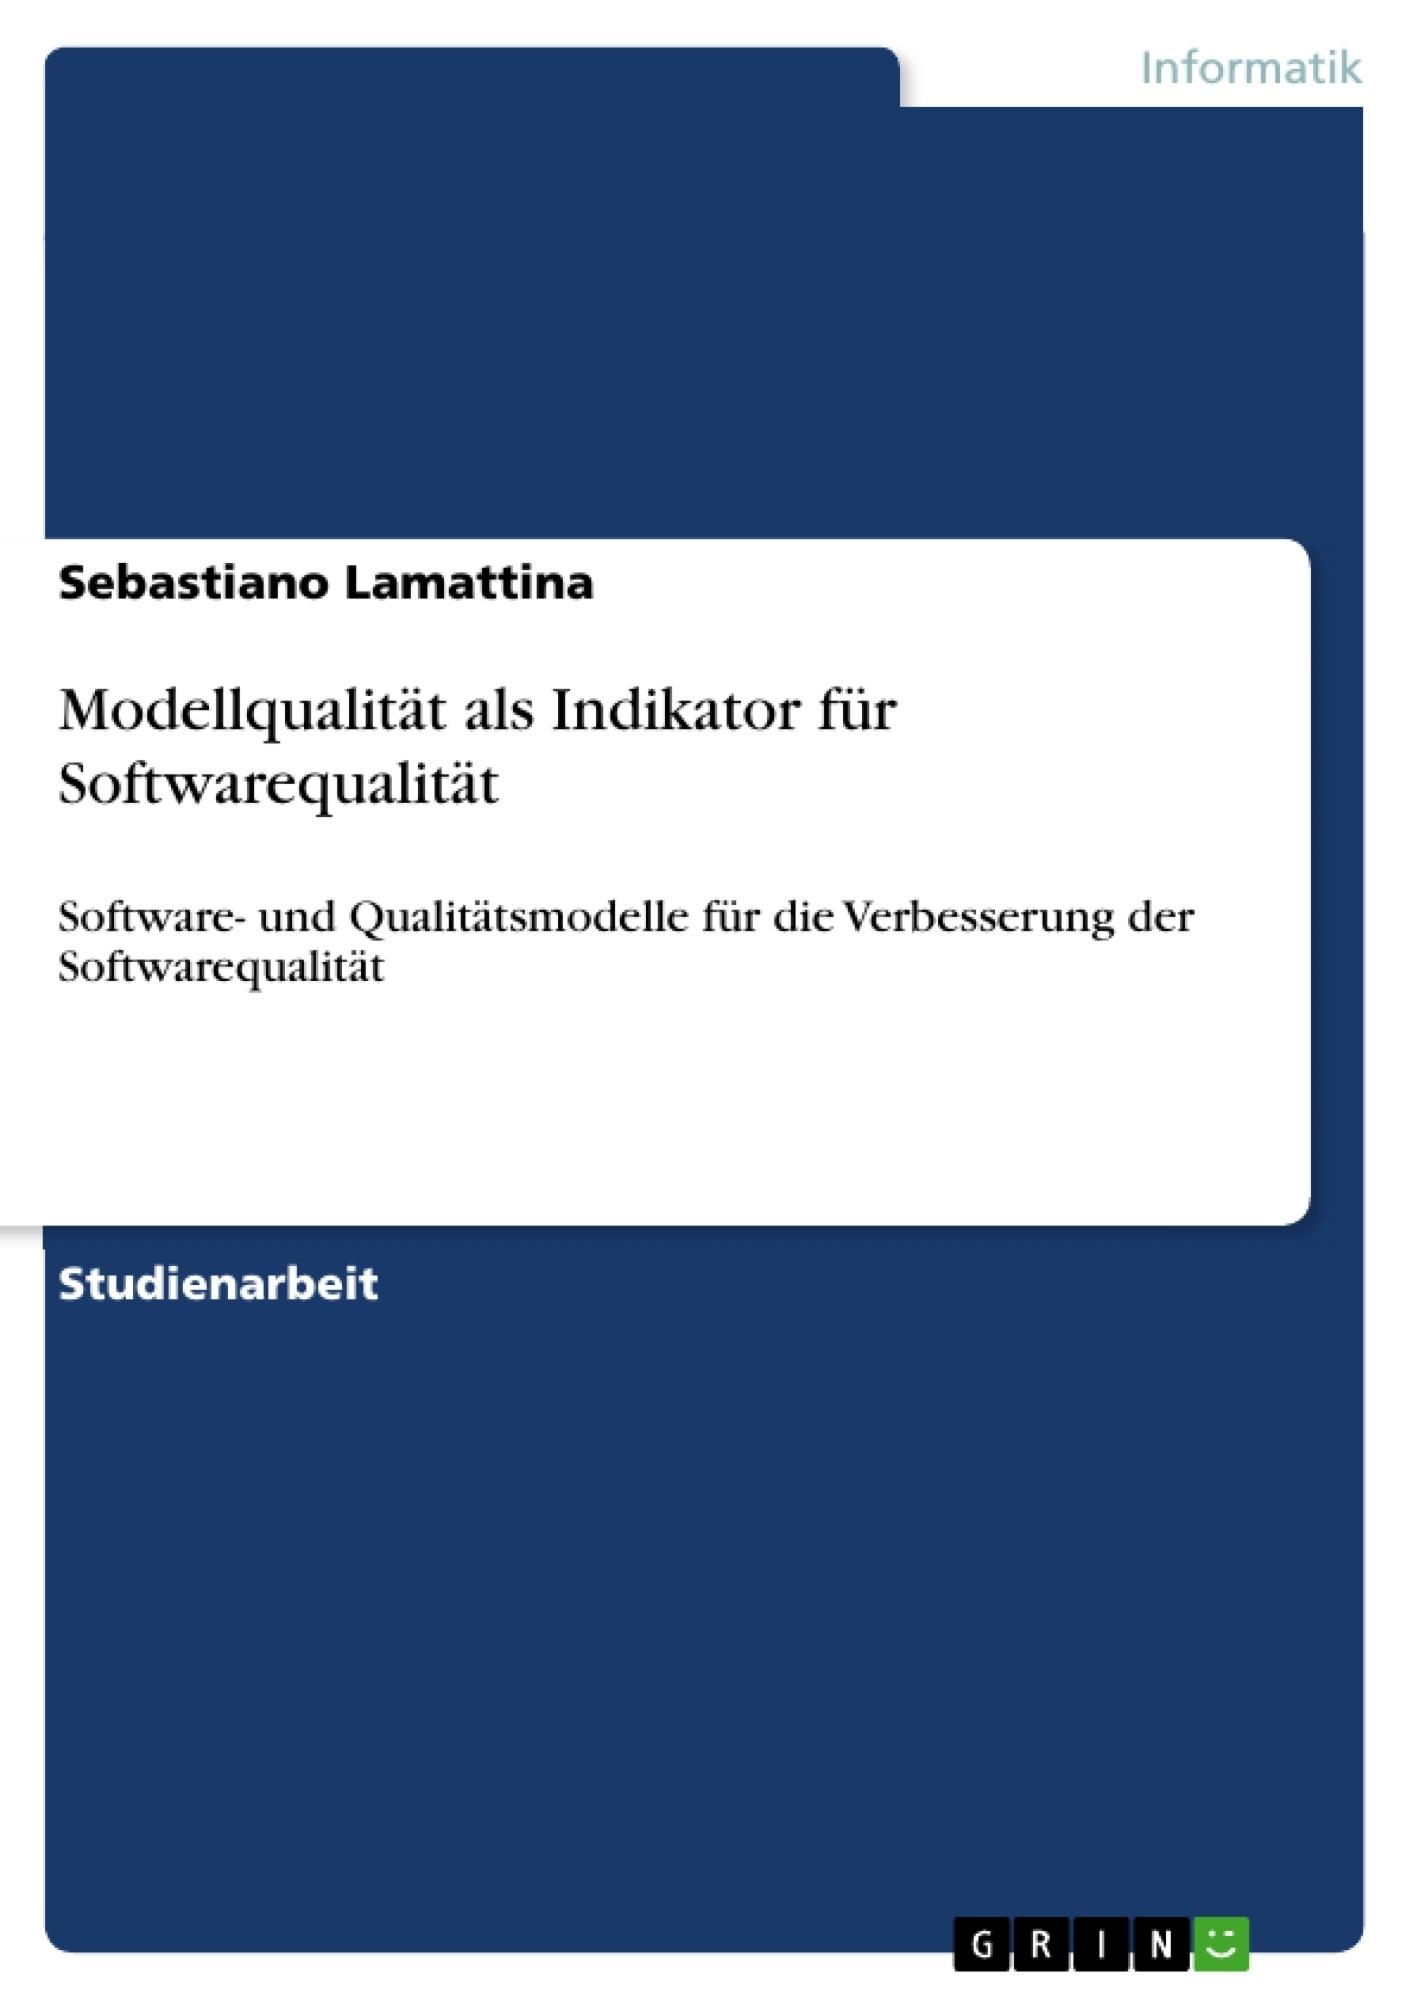 Titel: Modellqualität als Indikator für Softwarequalität